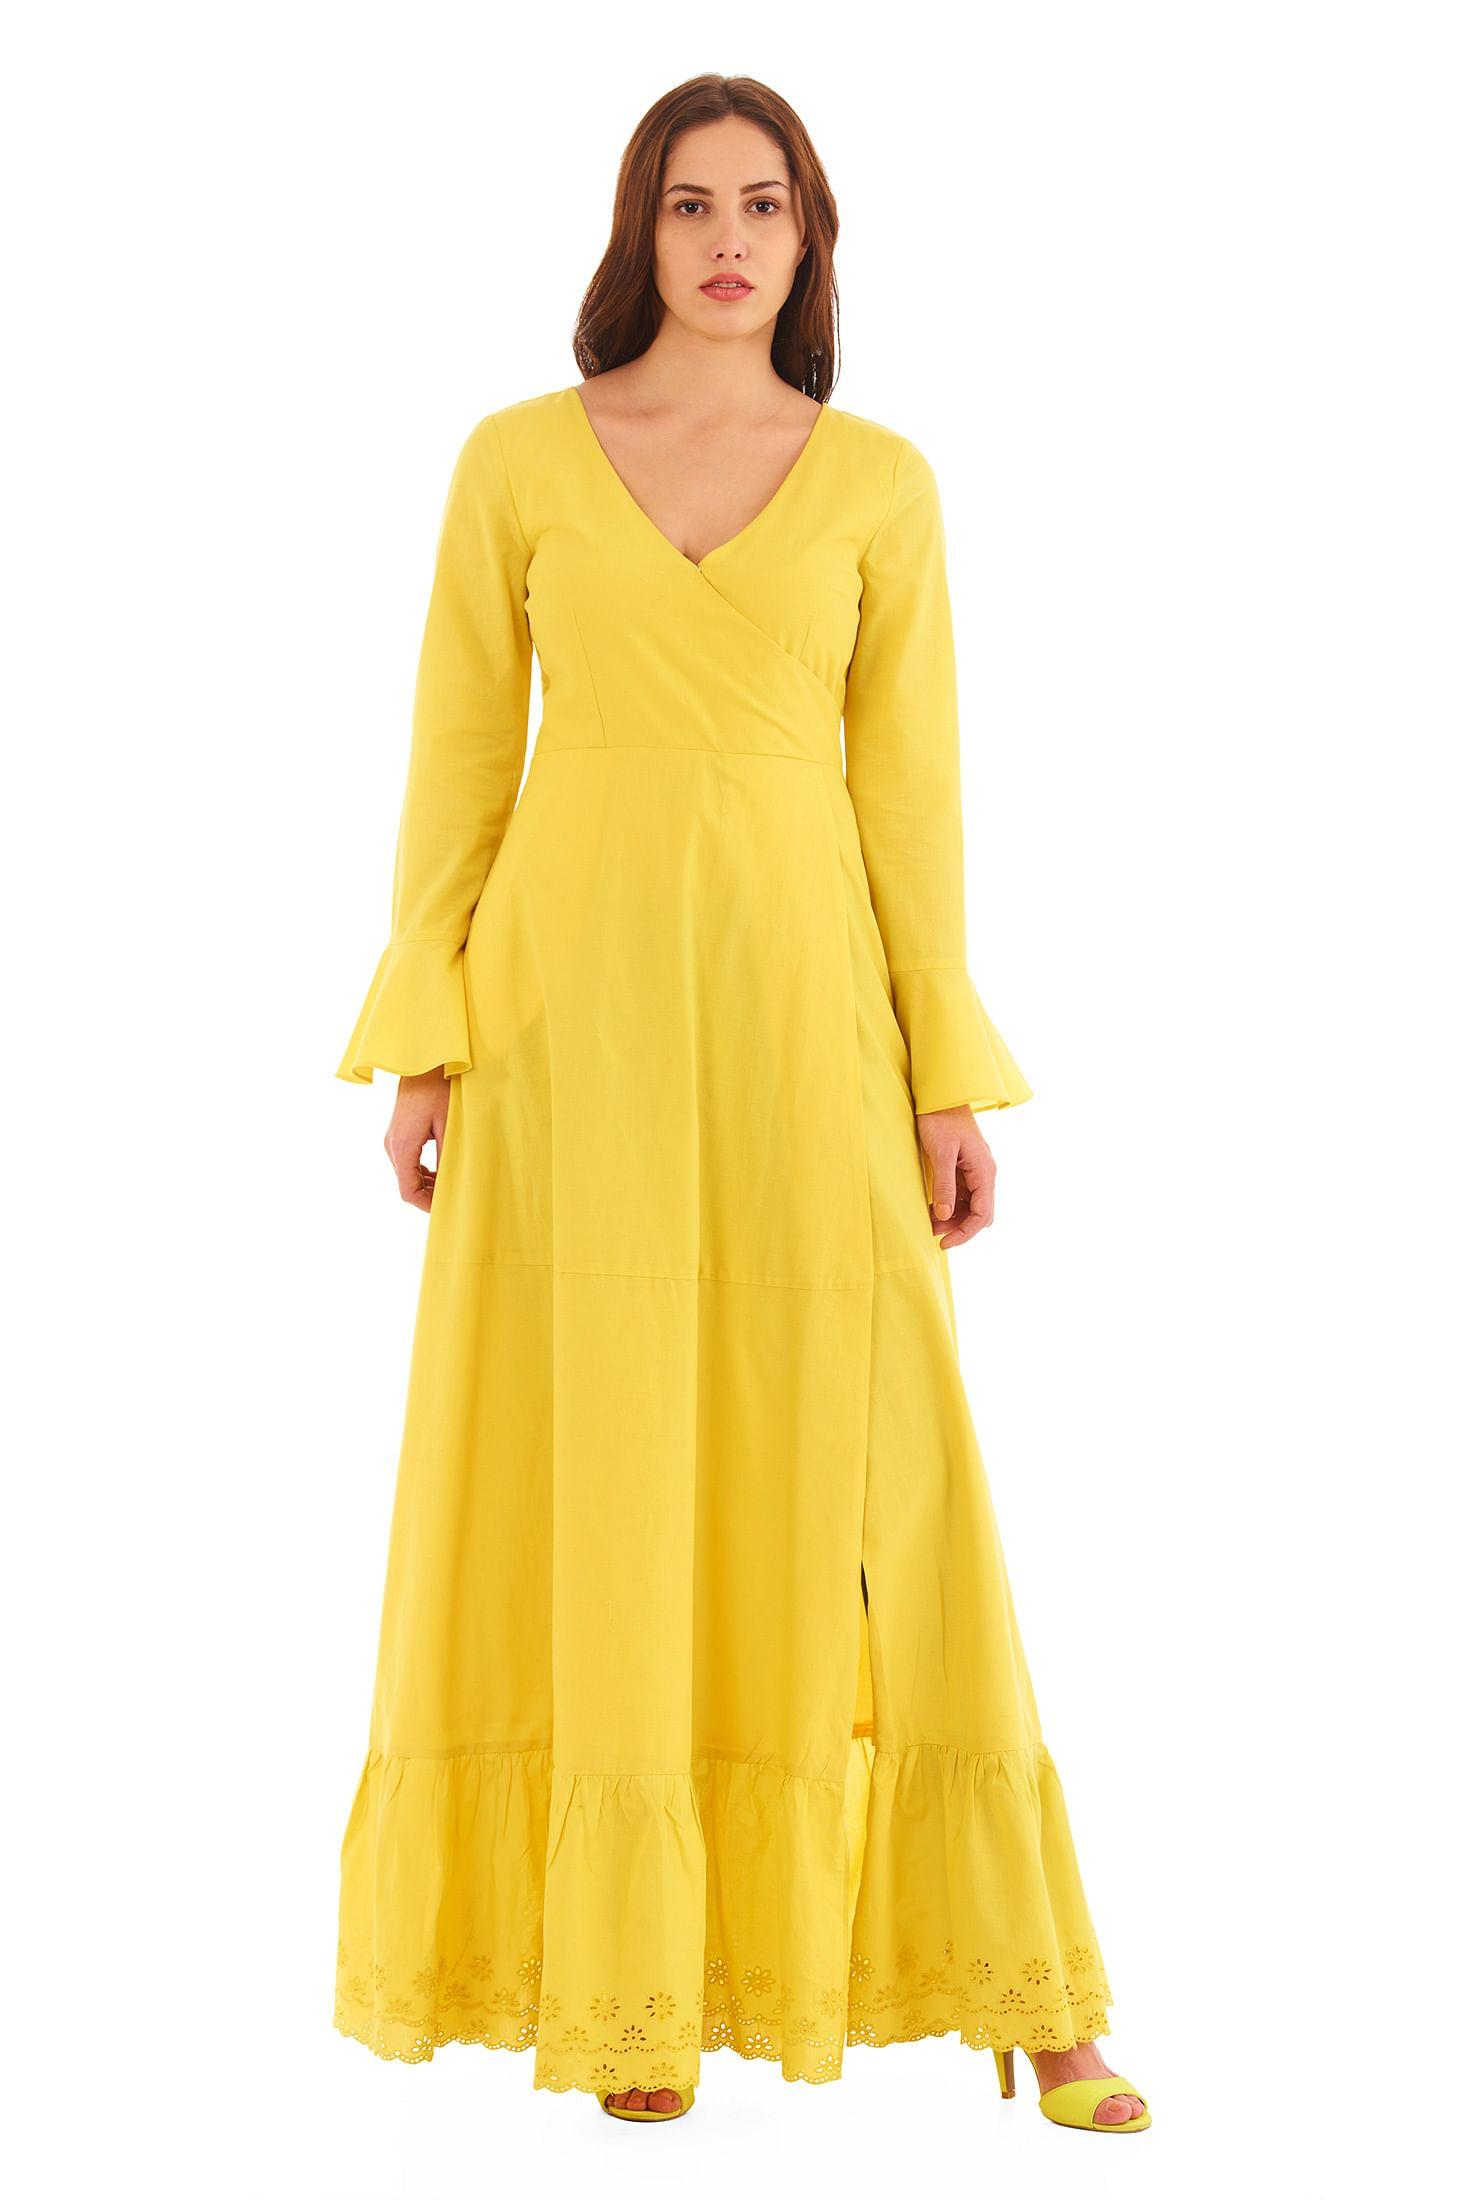 ac1b223f78a Women s Fashion Clothing 0-36W and Custom